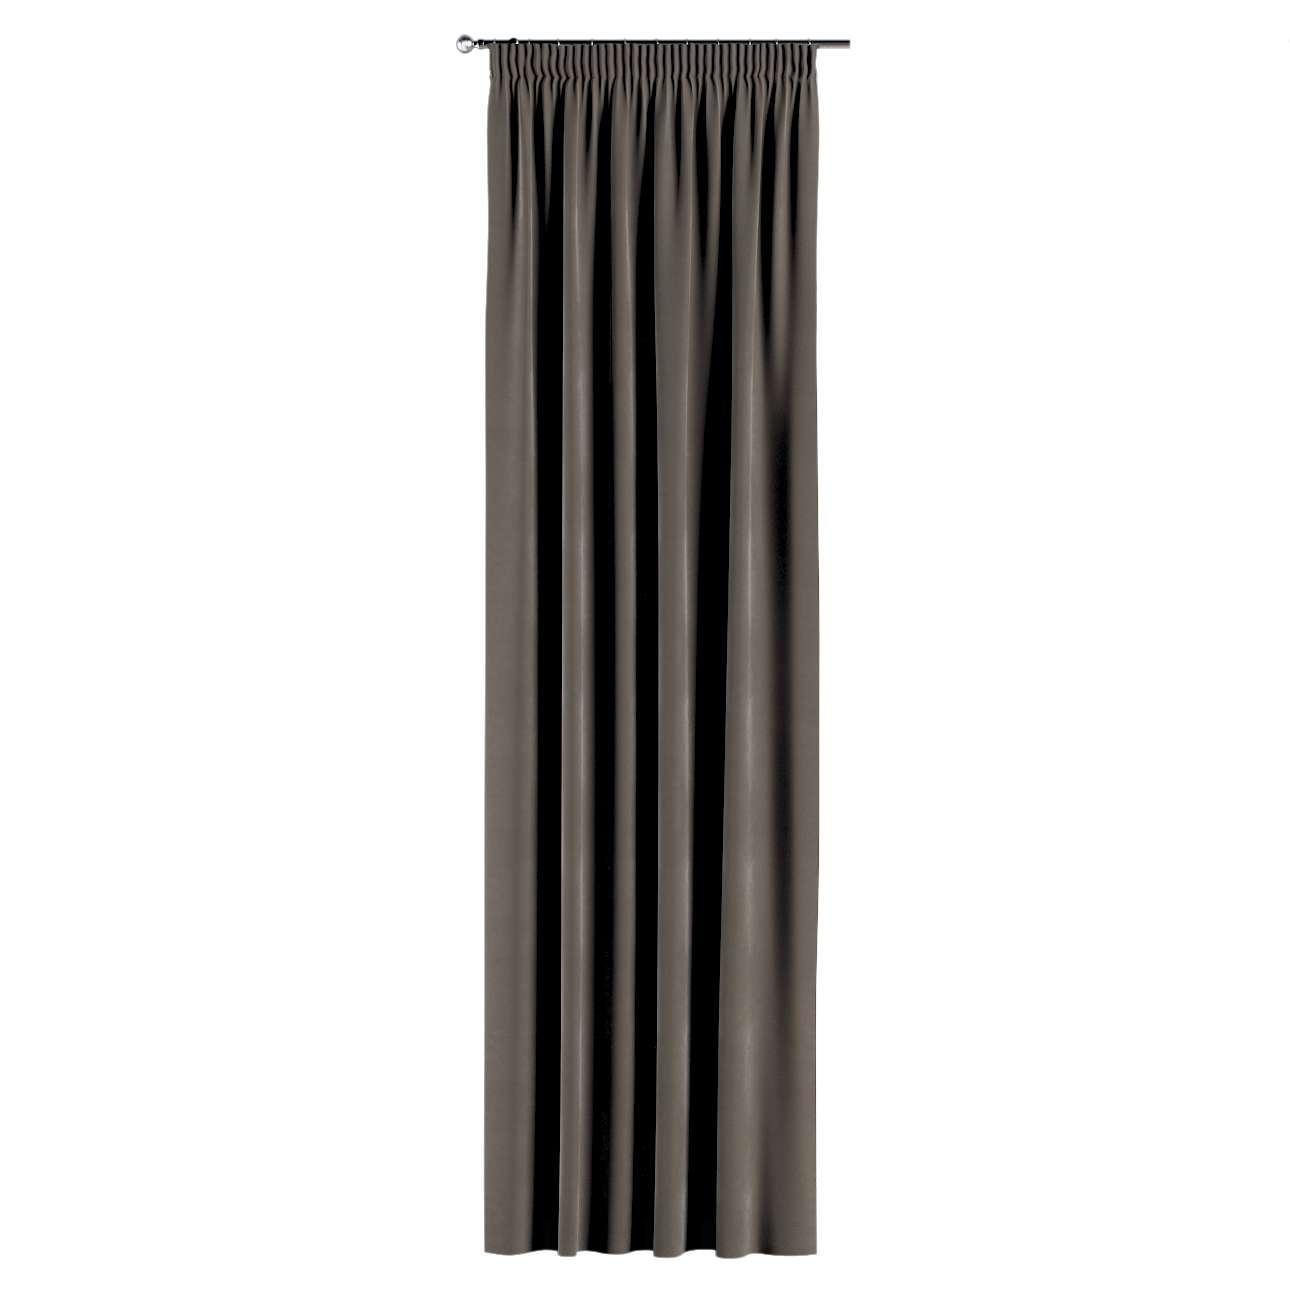 Závěs s řasící páskou 130 x 260 cm v kolekci Velvet, látka: 704-19